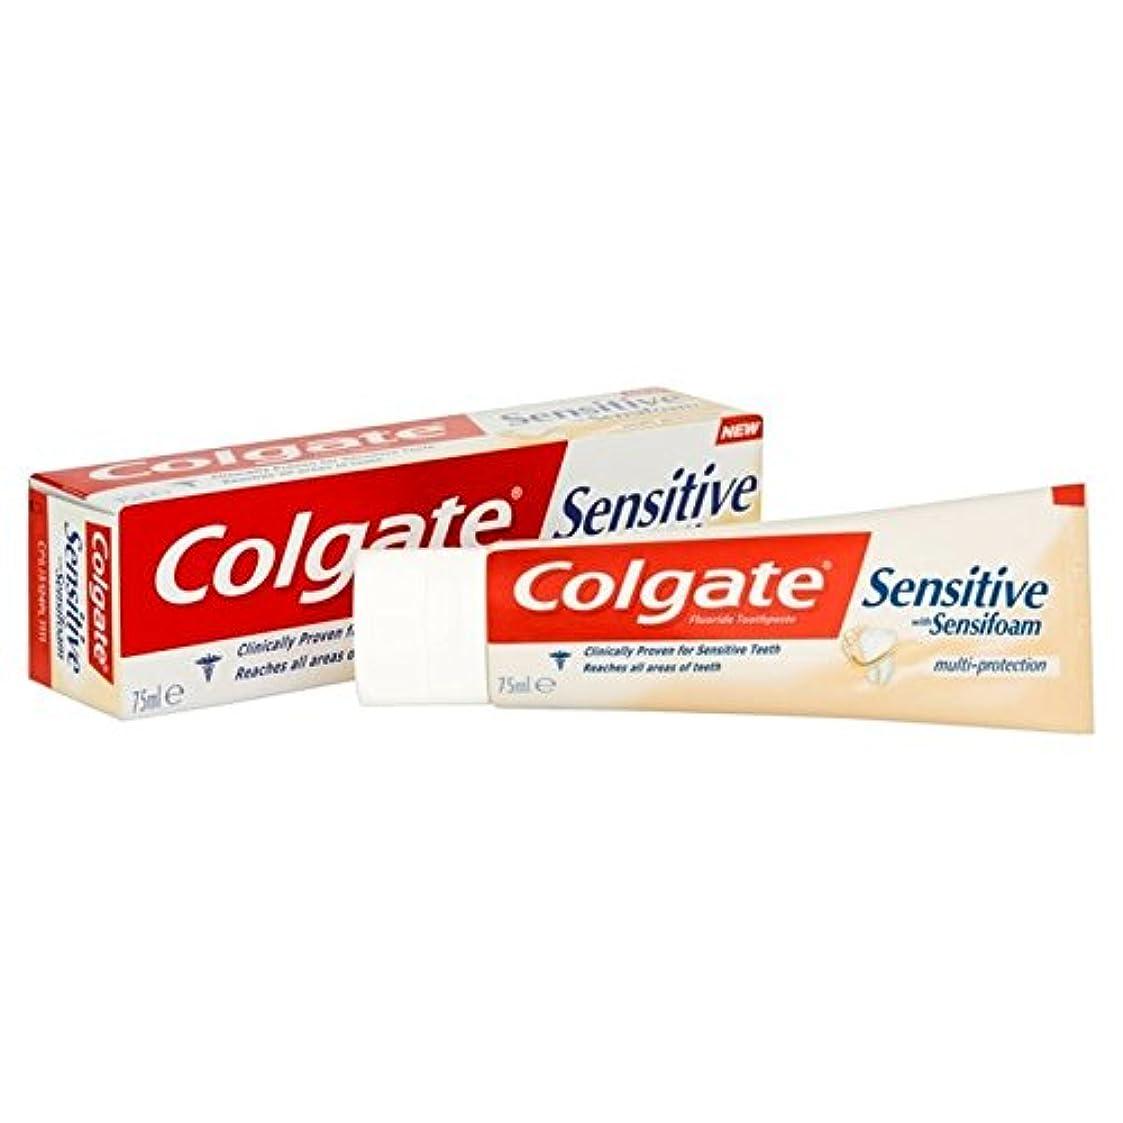 ペストポーンアラビア語Colgate Sensitive Foam Multi Protect Toothpaste 75ml - コルゲート敏感な泡は、マルチ歯磨き粉75ミリリットルを保護します [並行輸入品]